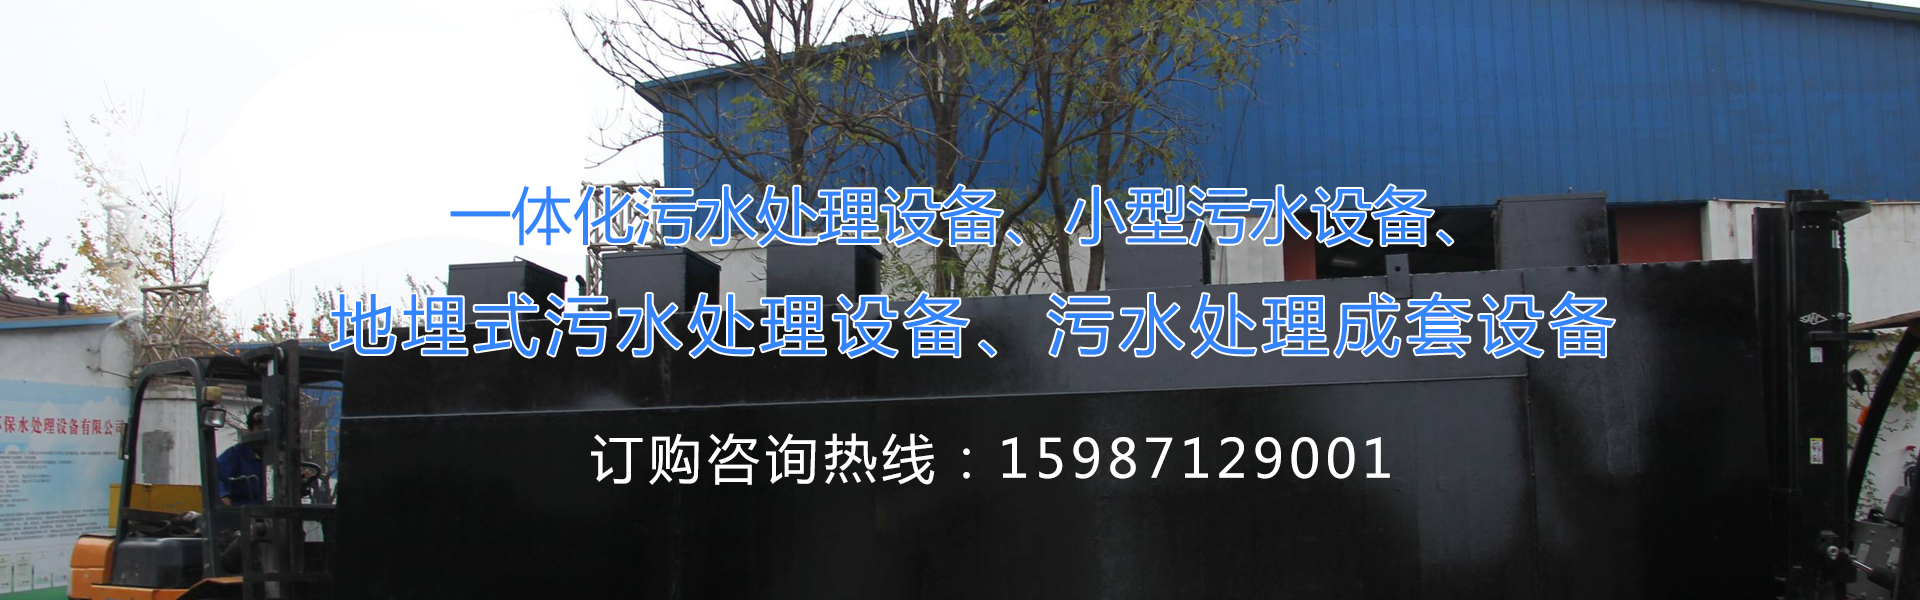 云南一体式污水处理设备